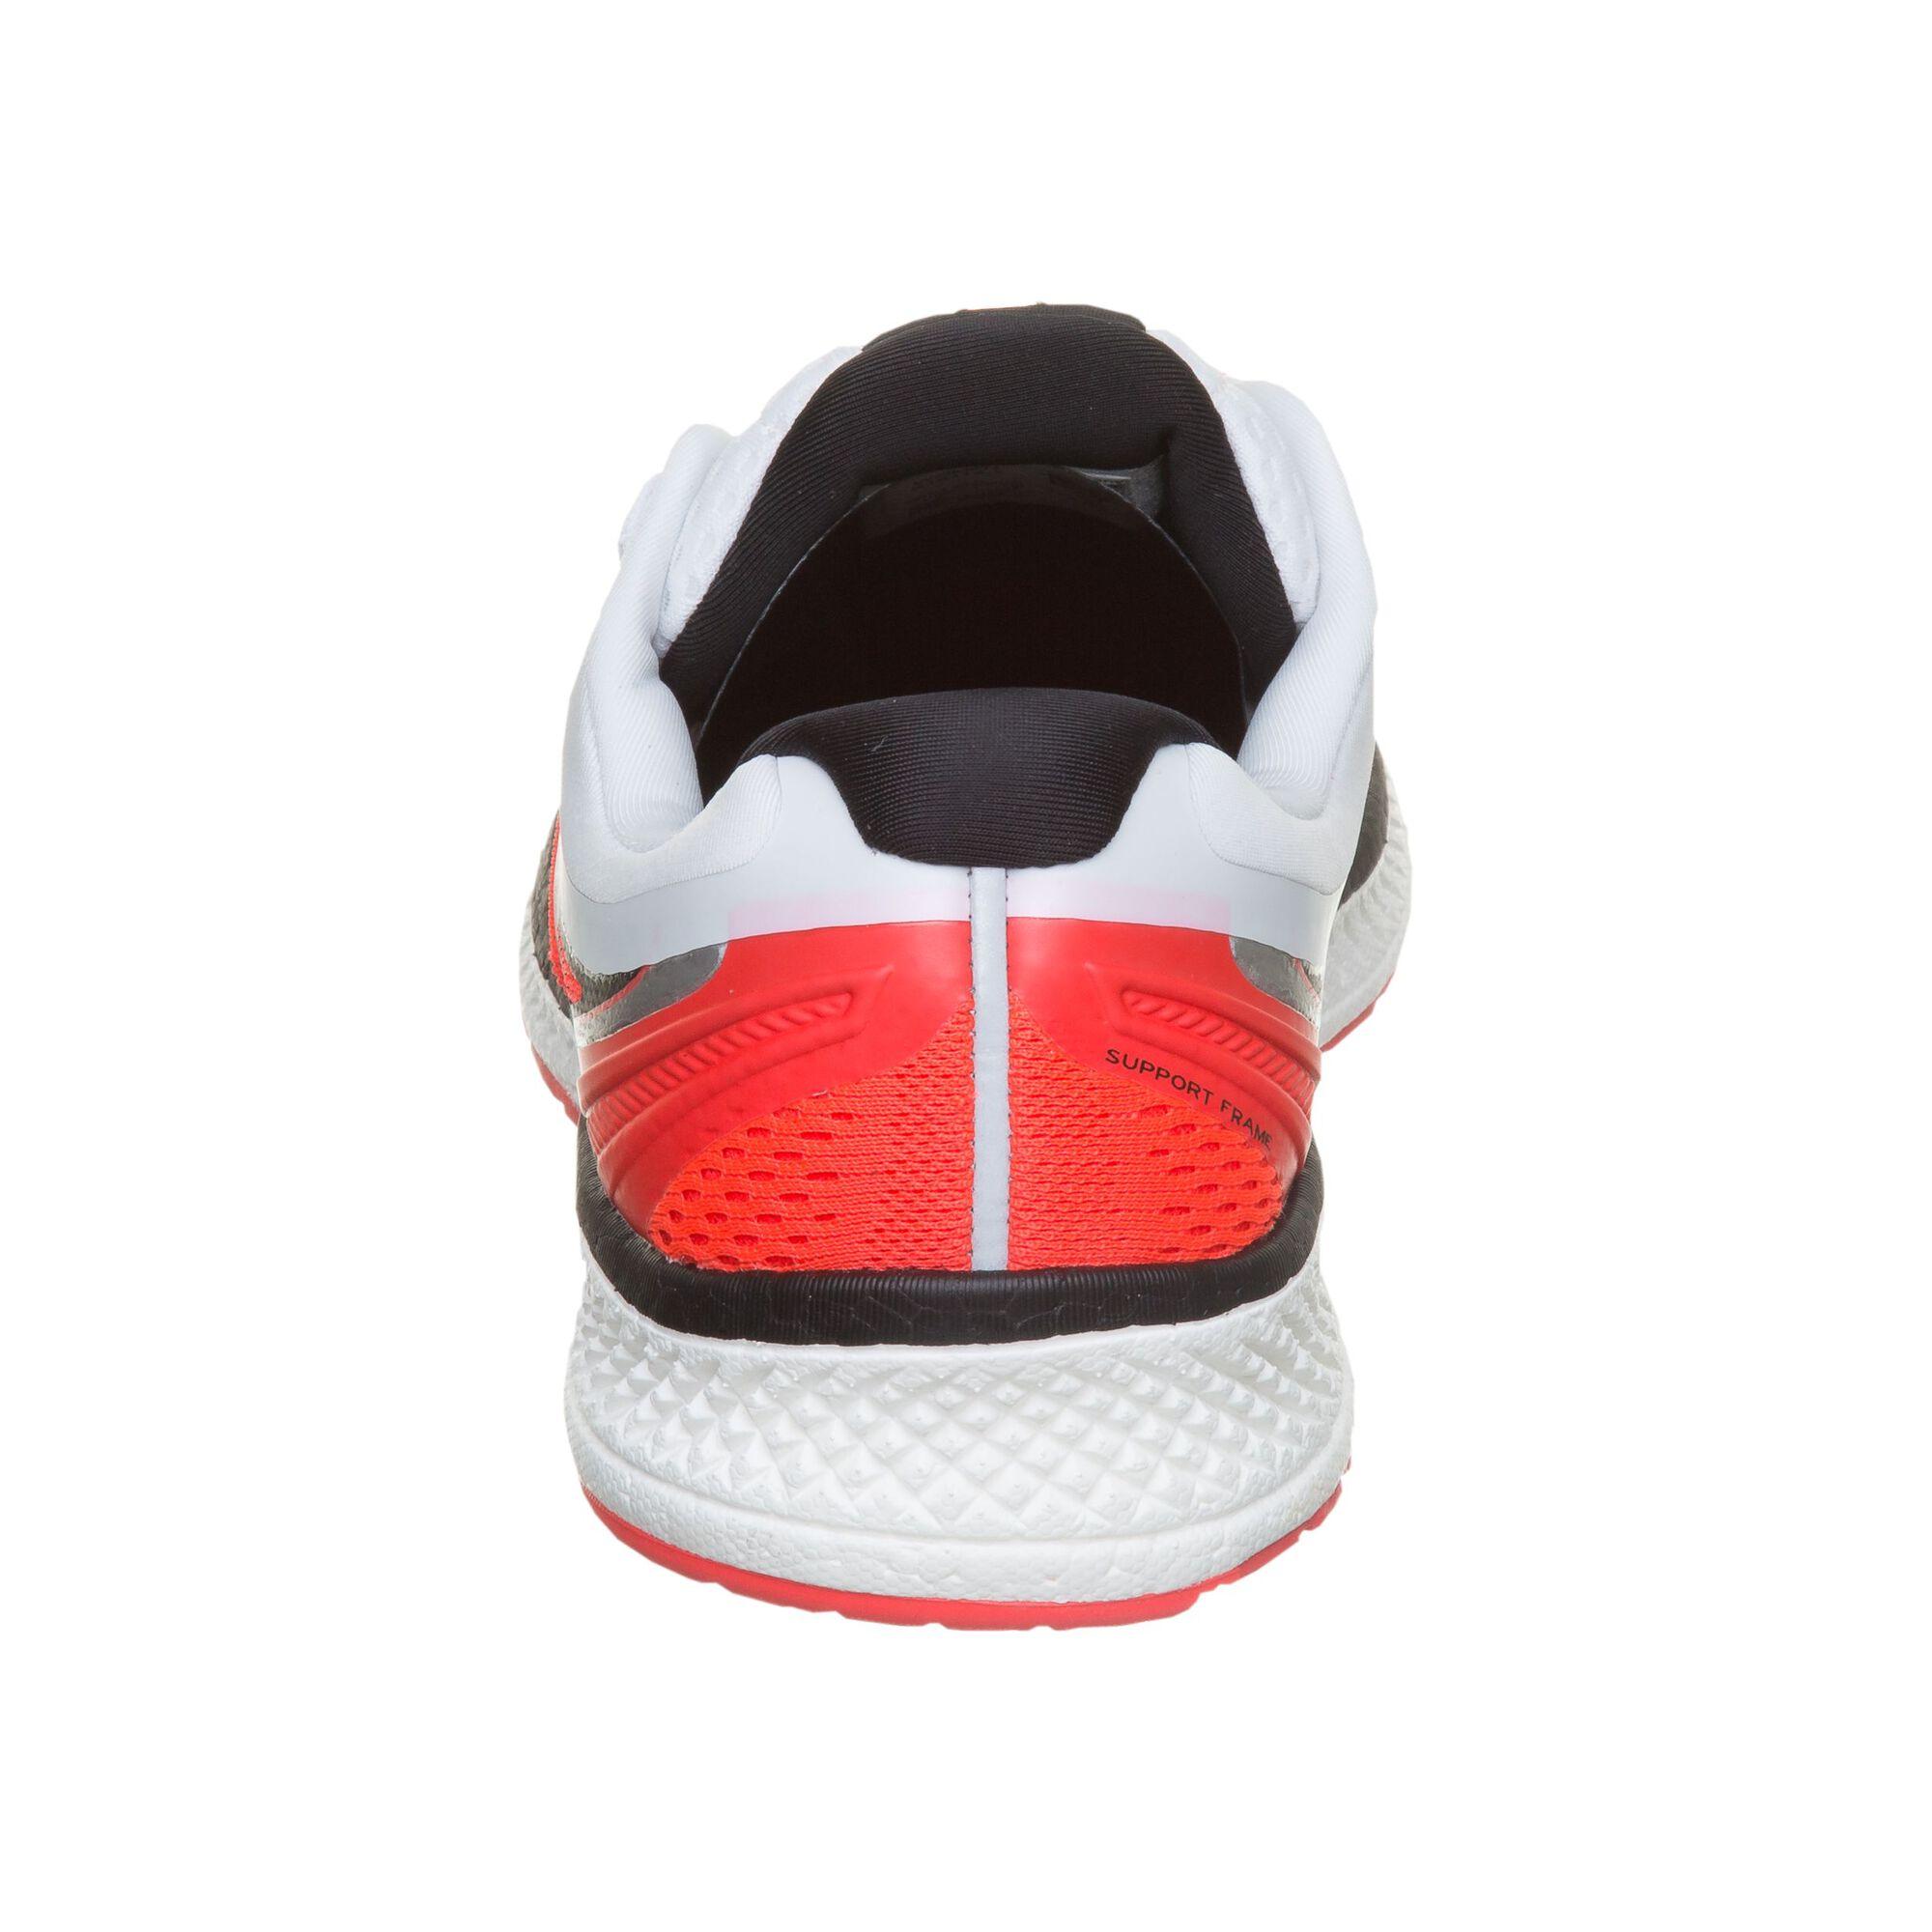 size 40 bf754 9f5a4 Saucony Triumph ISO 4 Neutralschuh Damen - Orange, Weiß onli